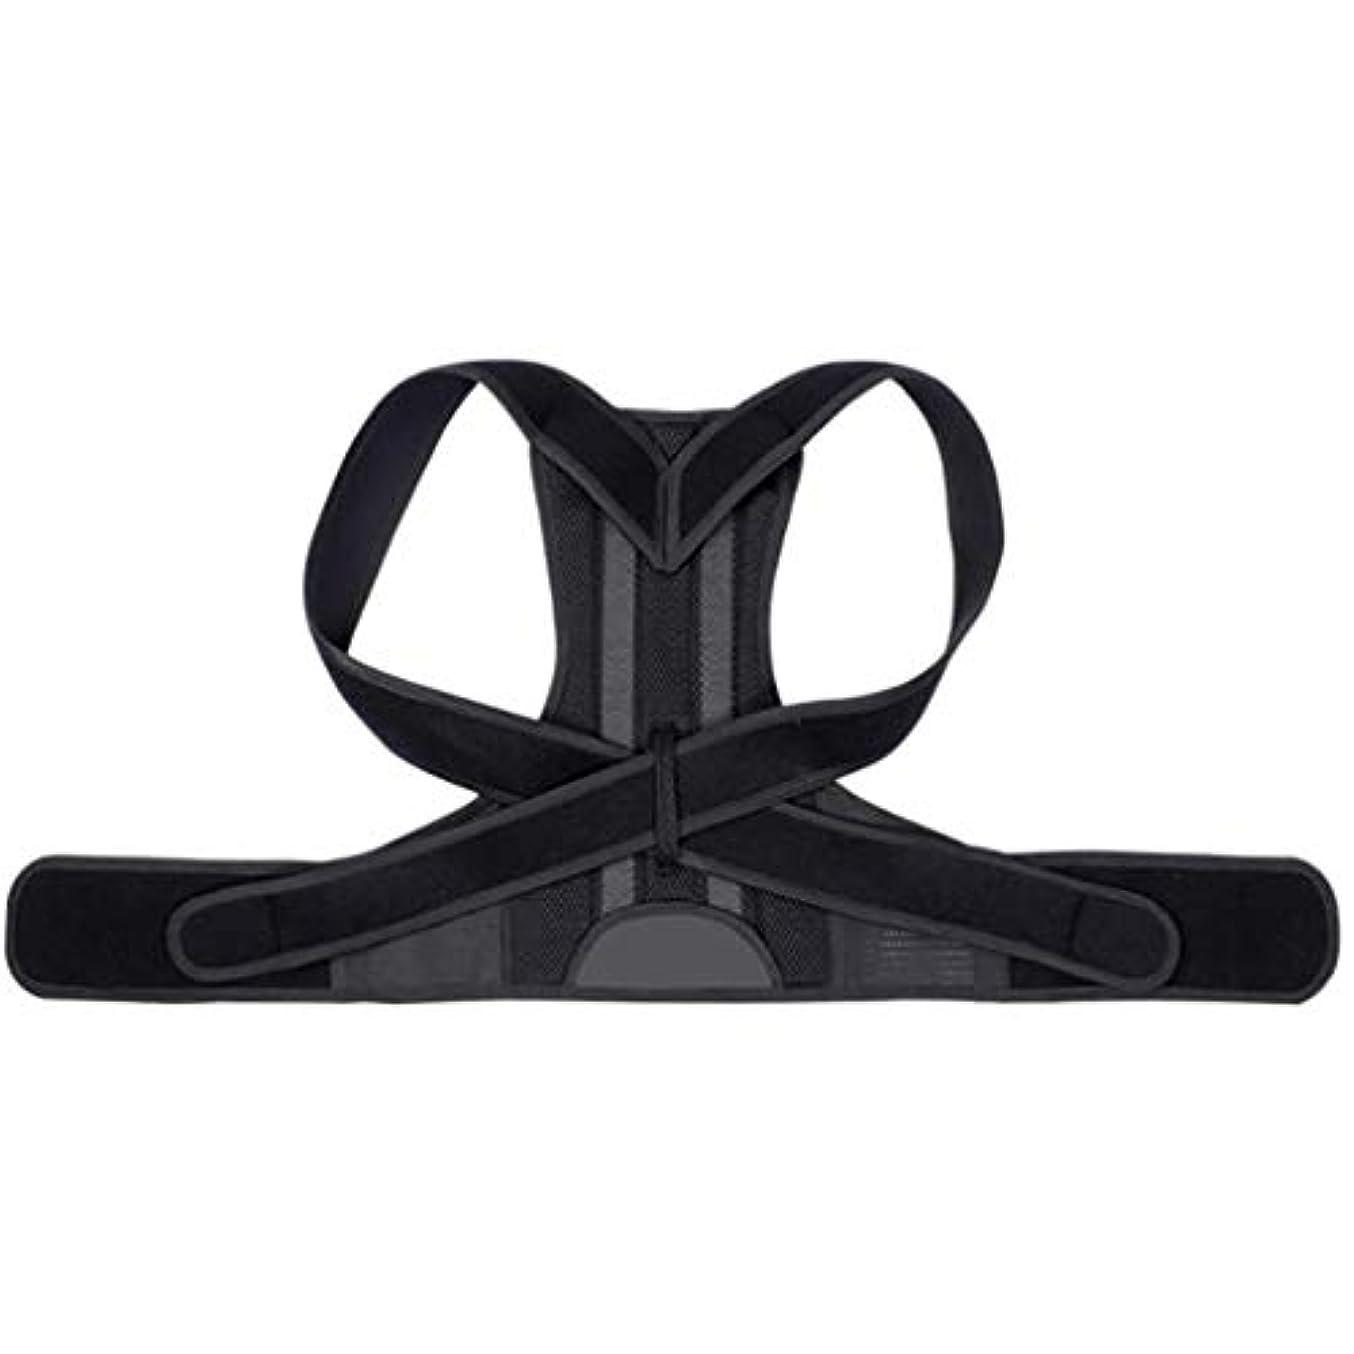 ランダムフレキシブルつぼみウエスト/腰暖かいベルト、ワーキング/スポーツ/フィットネスに適したポータブルバックサポートベルト、弾性シェーピング減量スポーツベルト、痛みや防ぐ傷害を和らげます